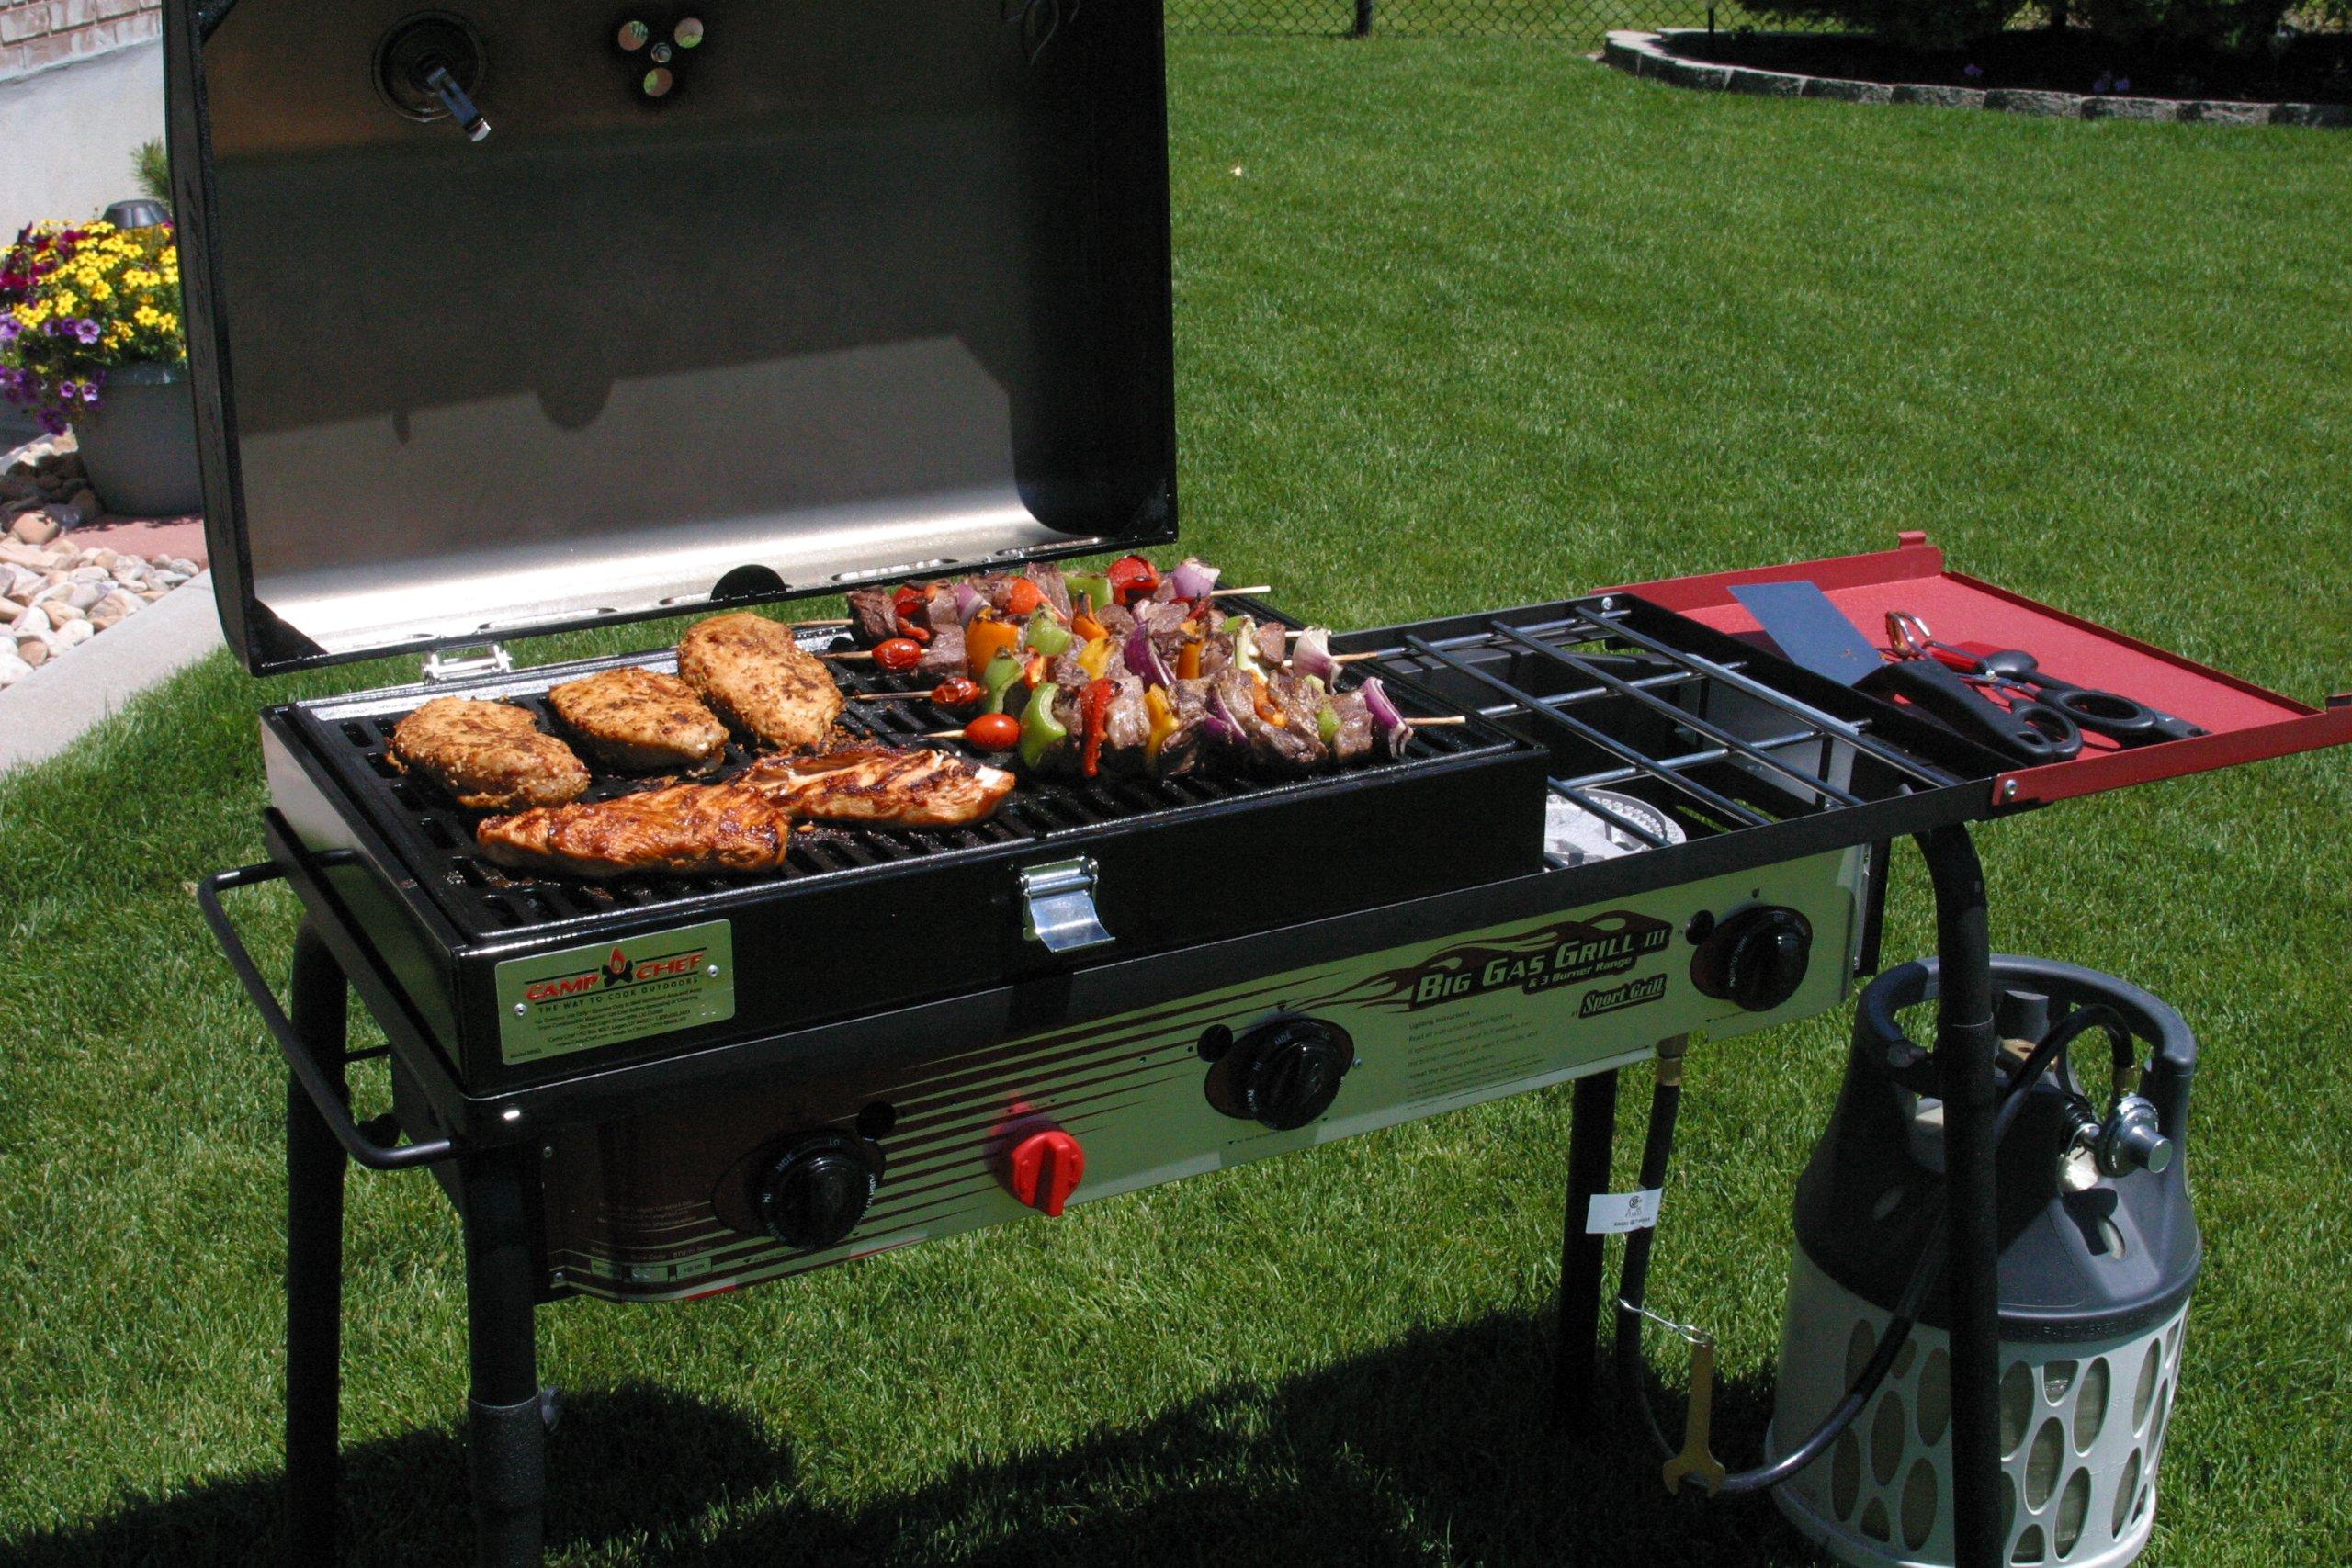 camp chef big gas 3 burner grill black red 33246206790 ebay. Black Bedroom Furniture Sets. Home Design Ideas